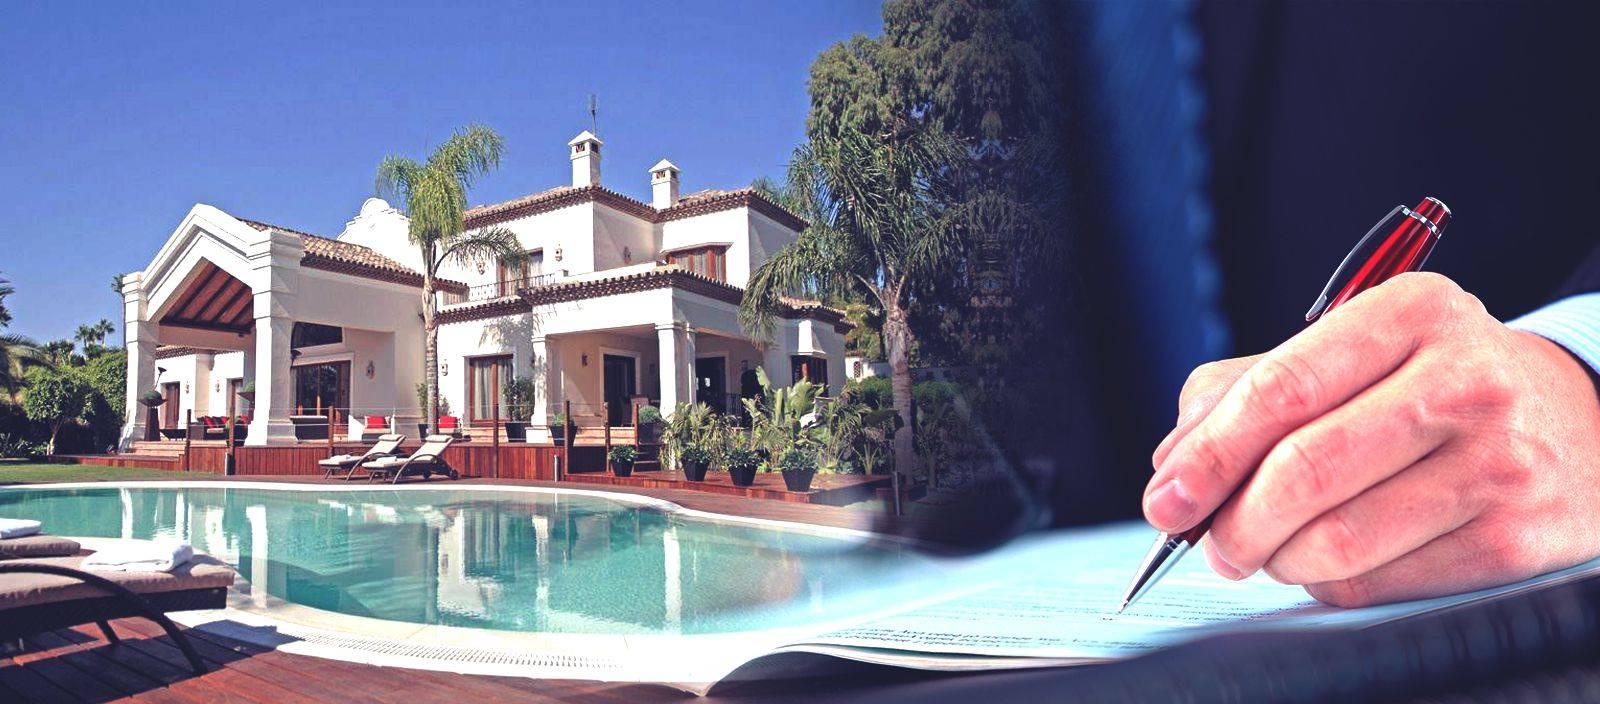 Как легко продать любую недвижимость в испании